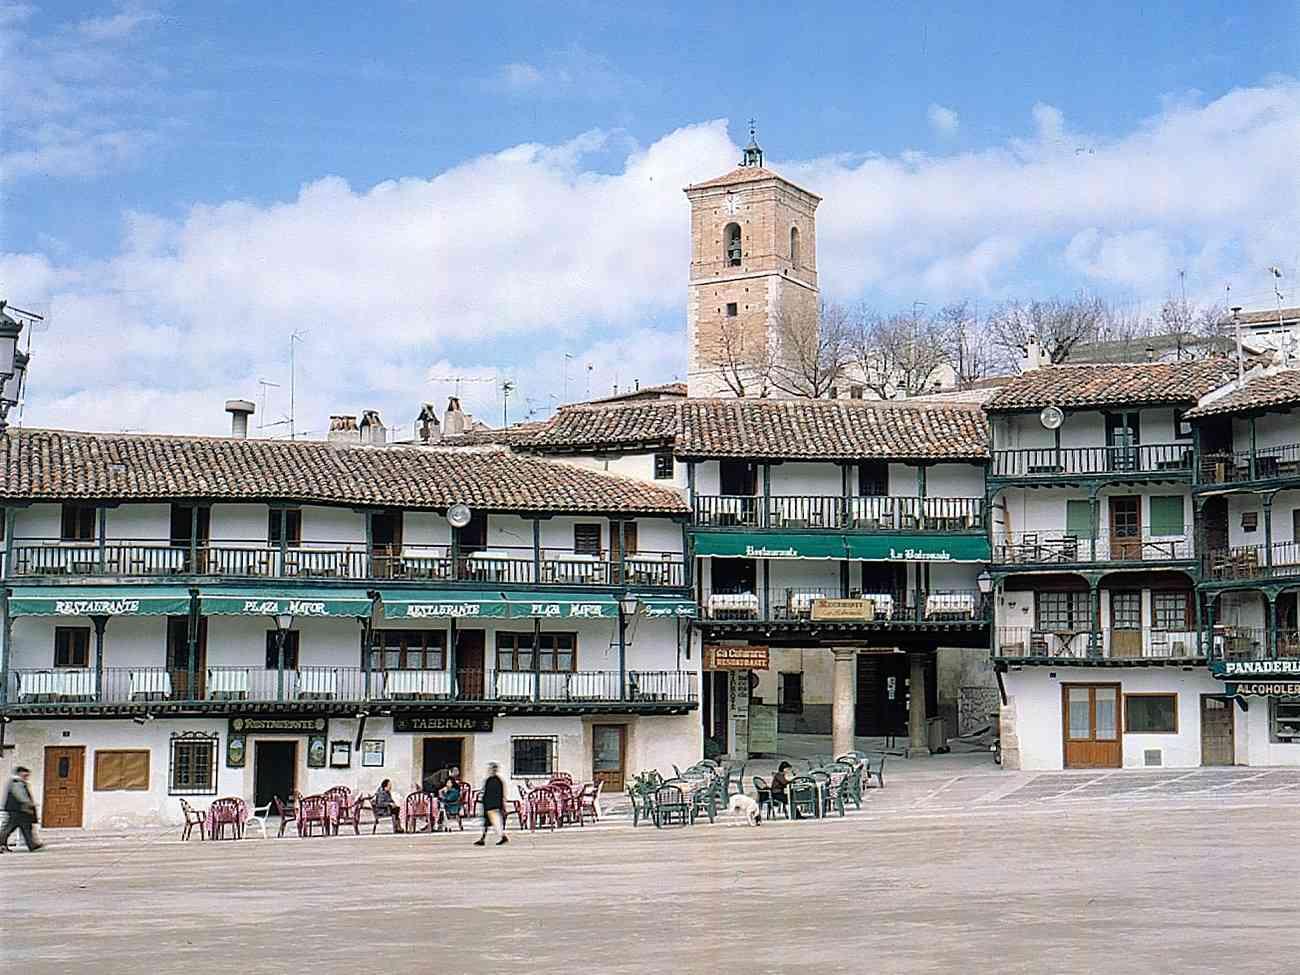 Chinchón aumenta su número de visitantes desde que fue nombrado uno de los pueblos más bonitos de España 2